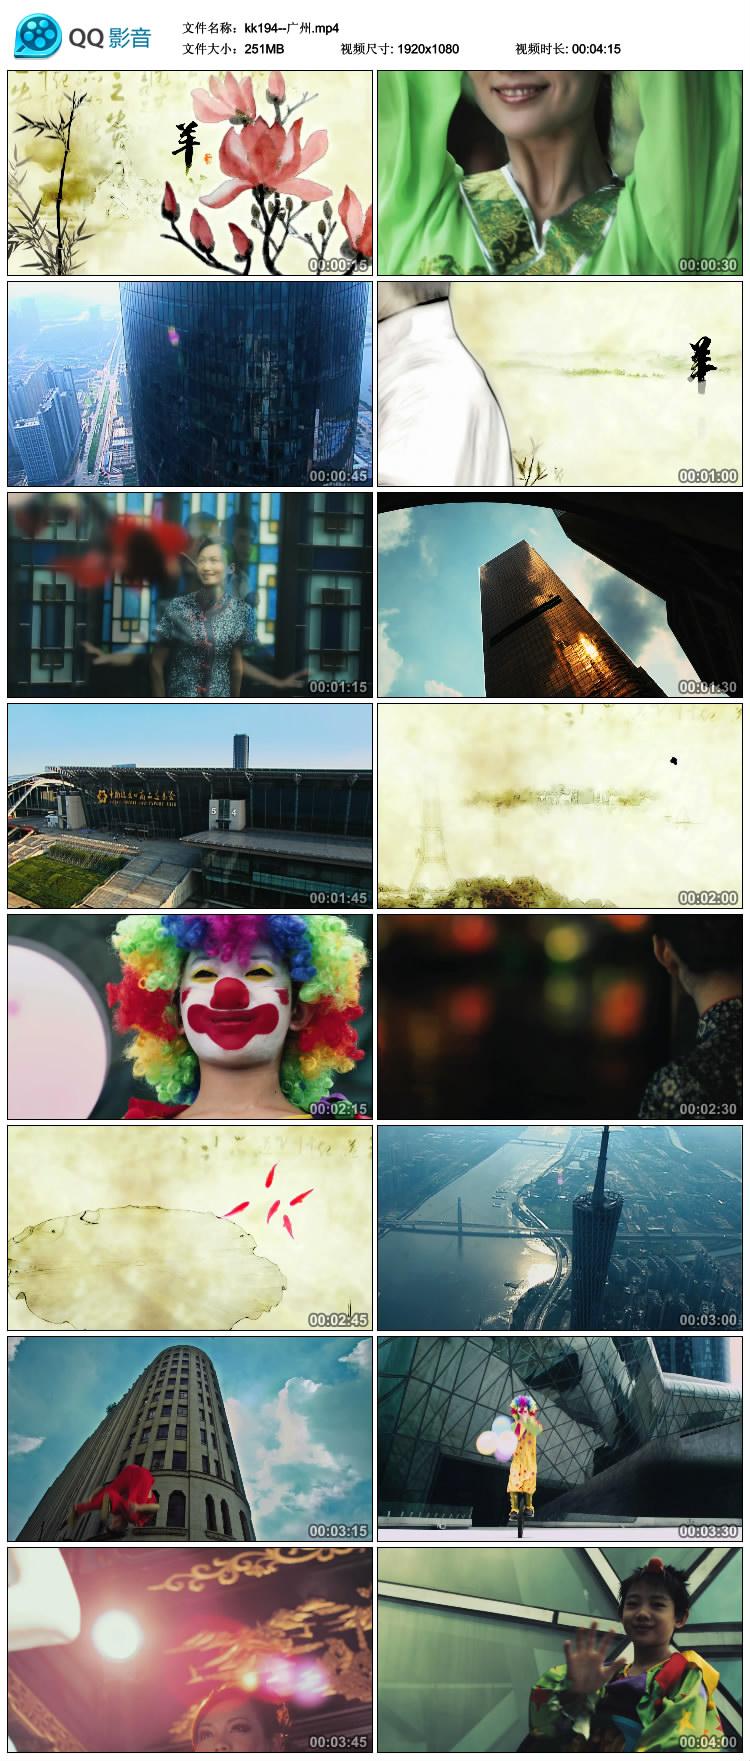 广州城市高清实拍视频素材 广州人文景观历史文化艺术城市风光